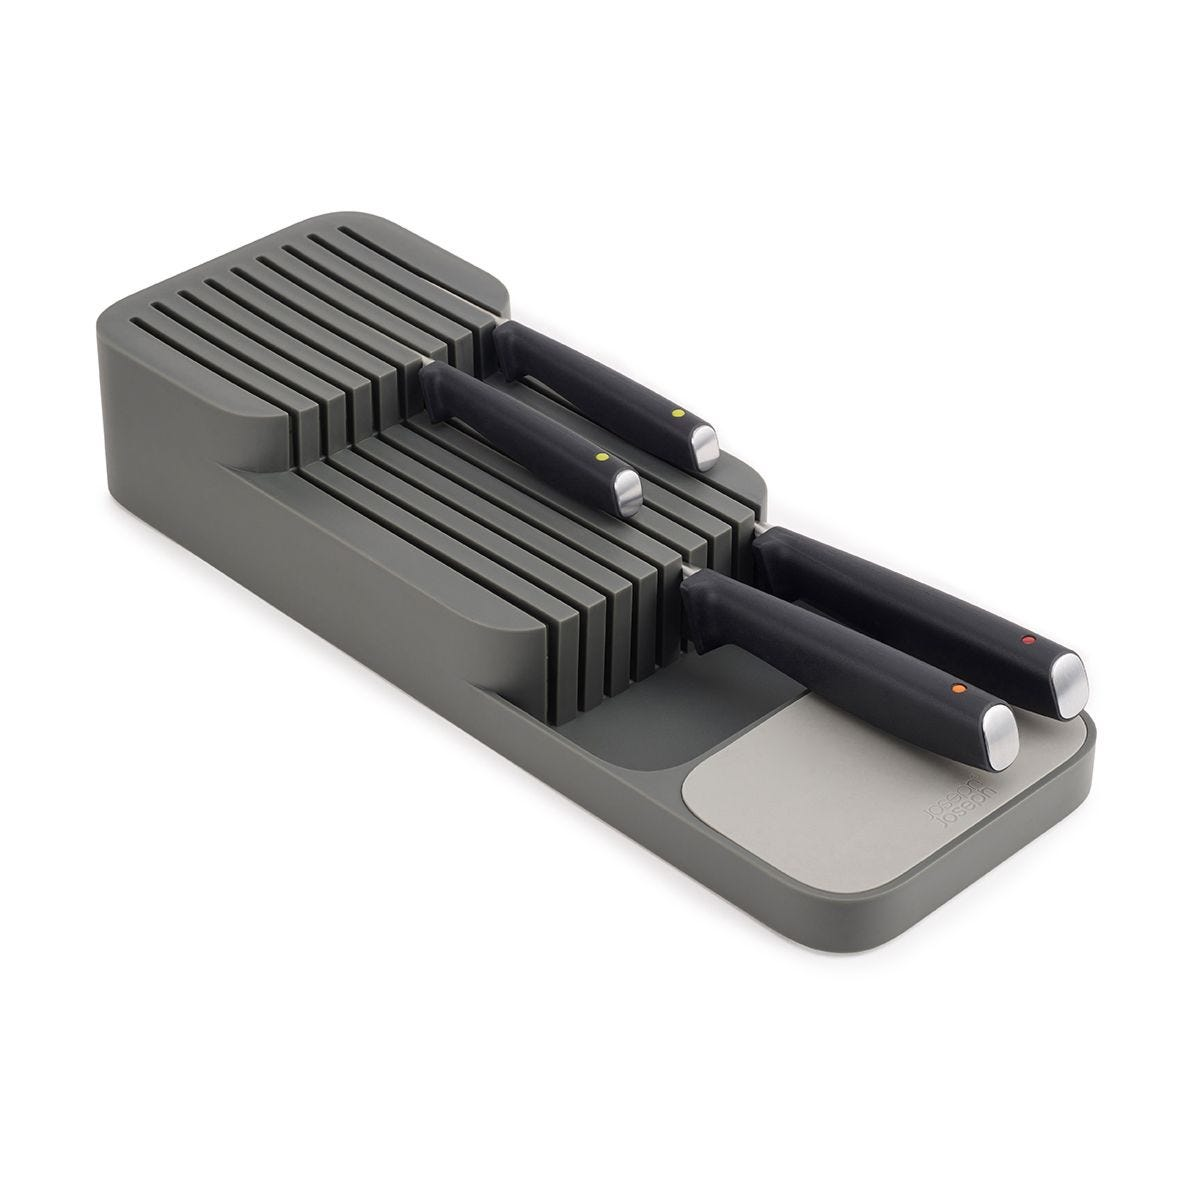 Joseph Joseph DUO Compact Knife Organiser - Grey